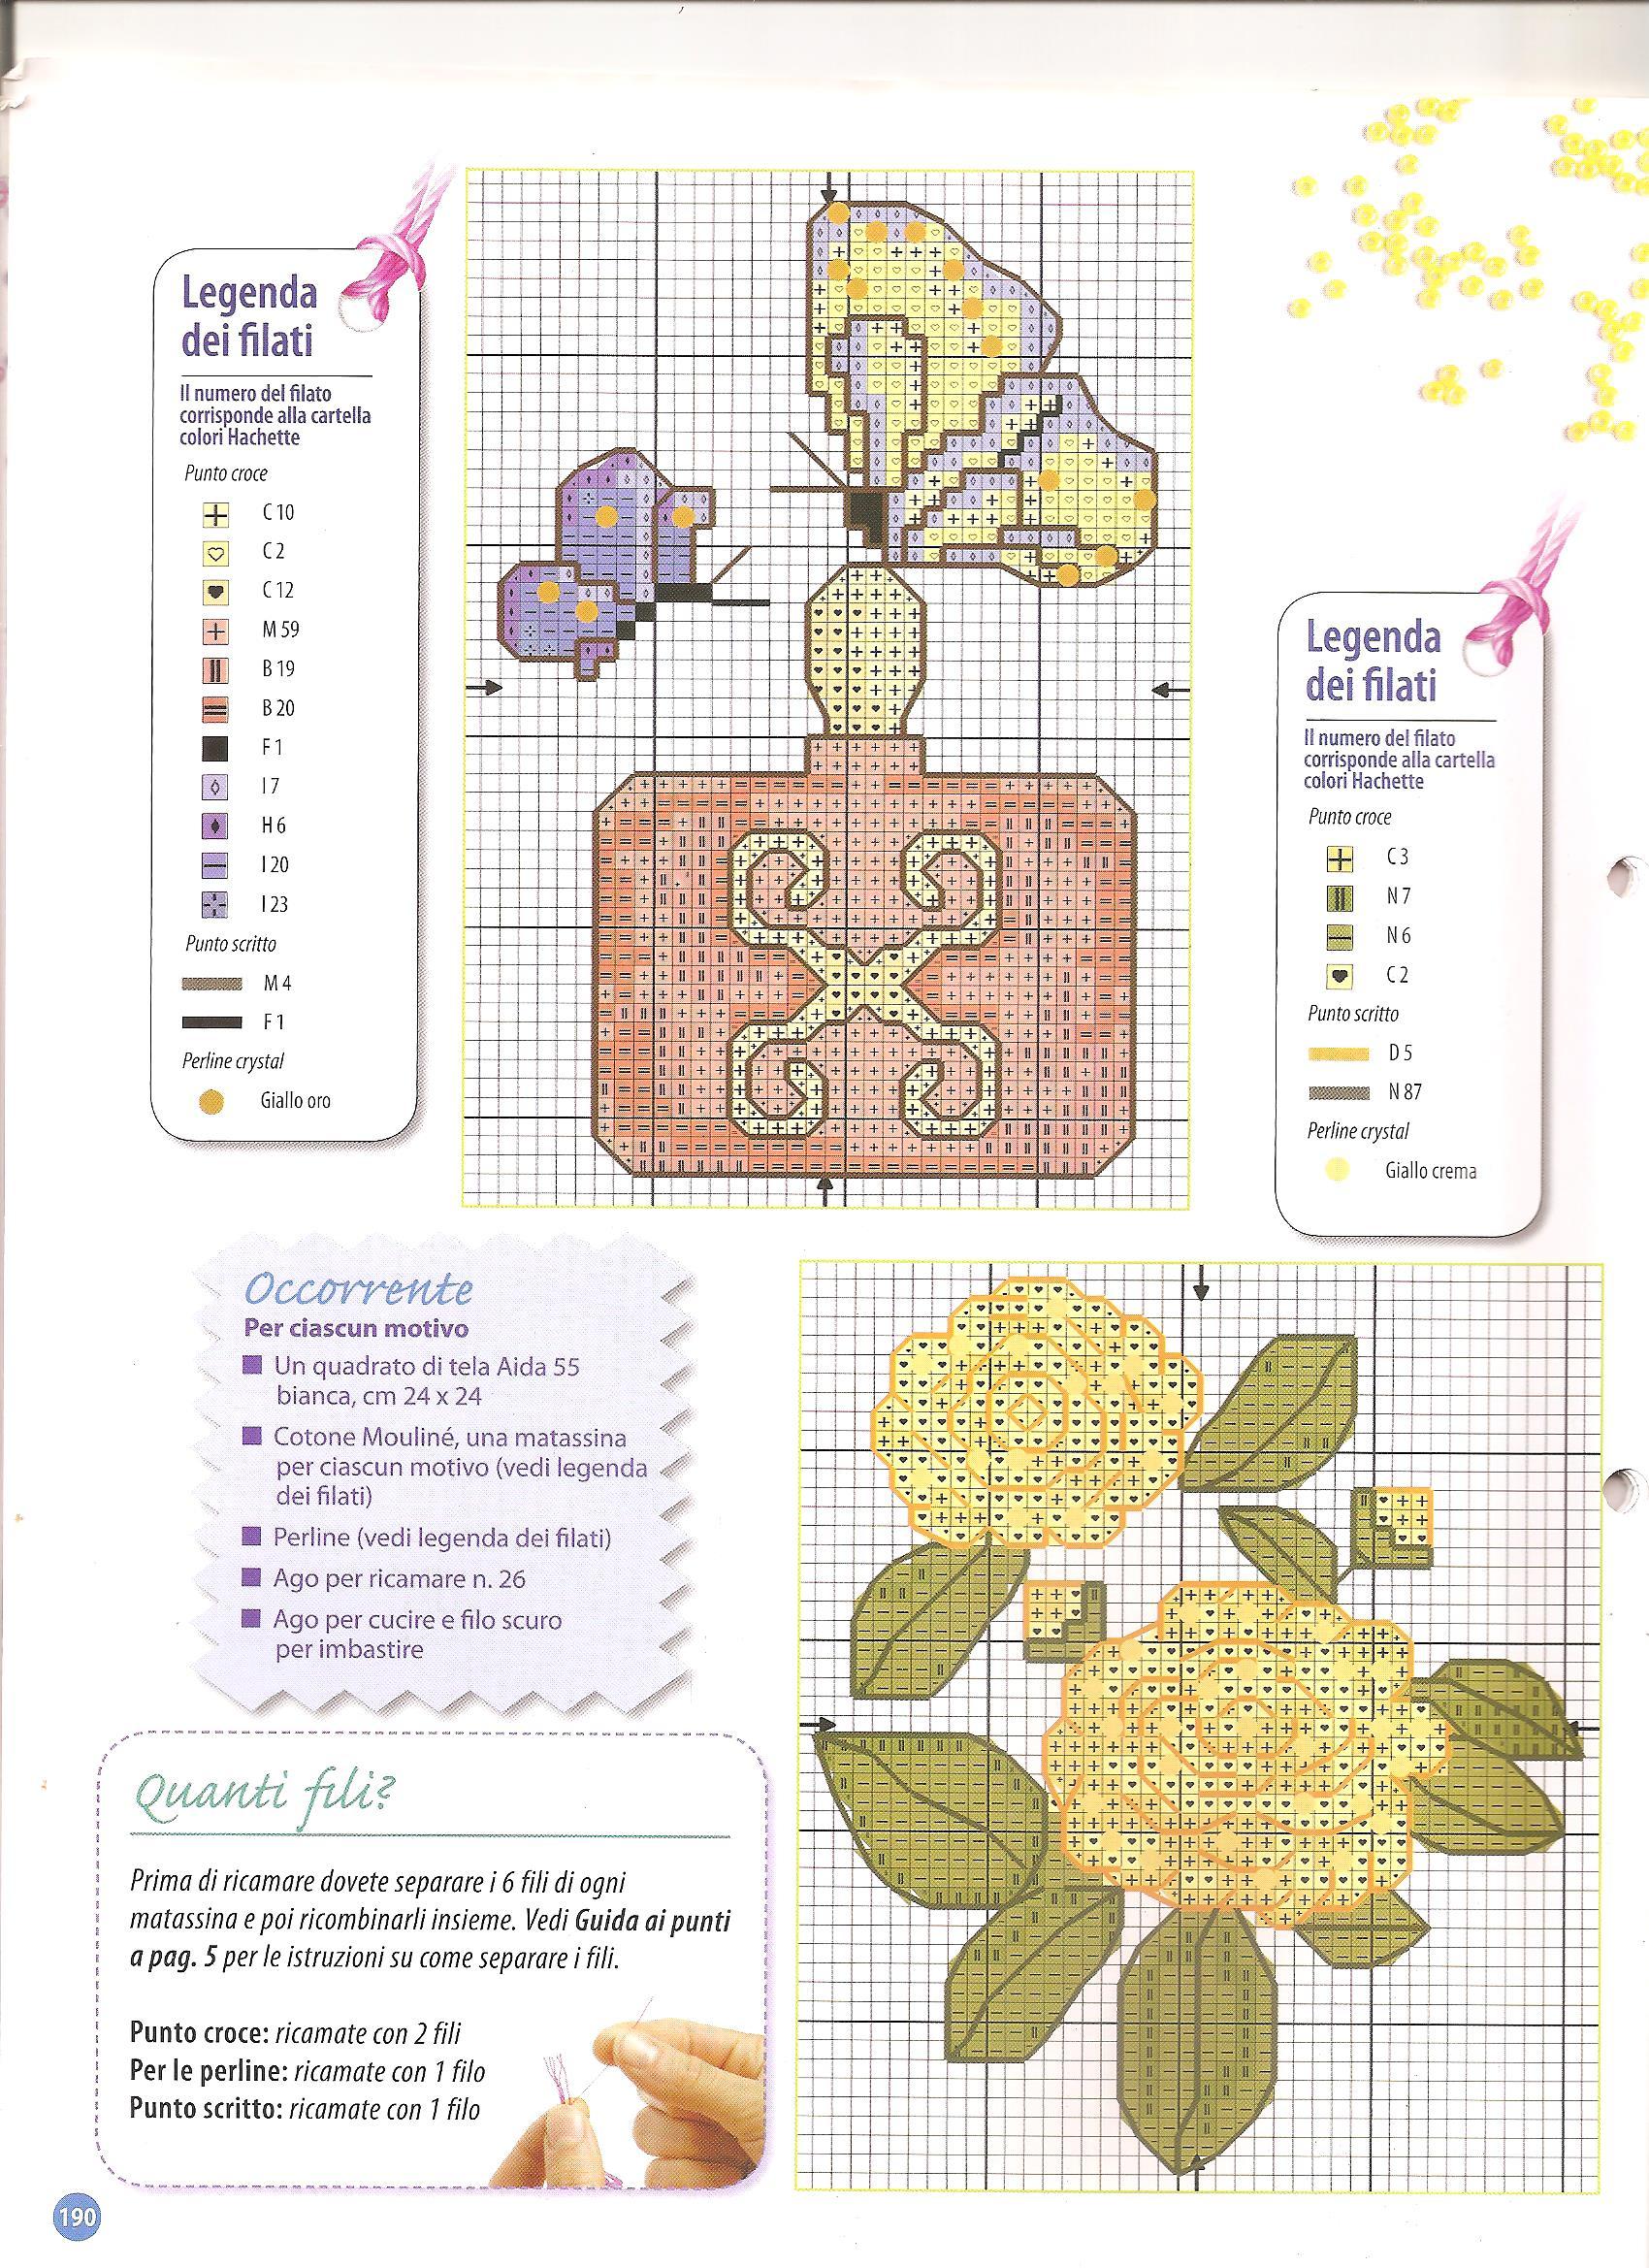 Appendini bagno con fiori e farfalle 2 punto croce uncinetto schemi gratis - Appendini bagno ...